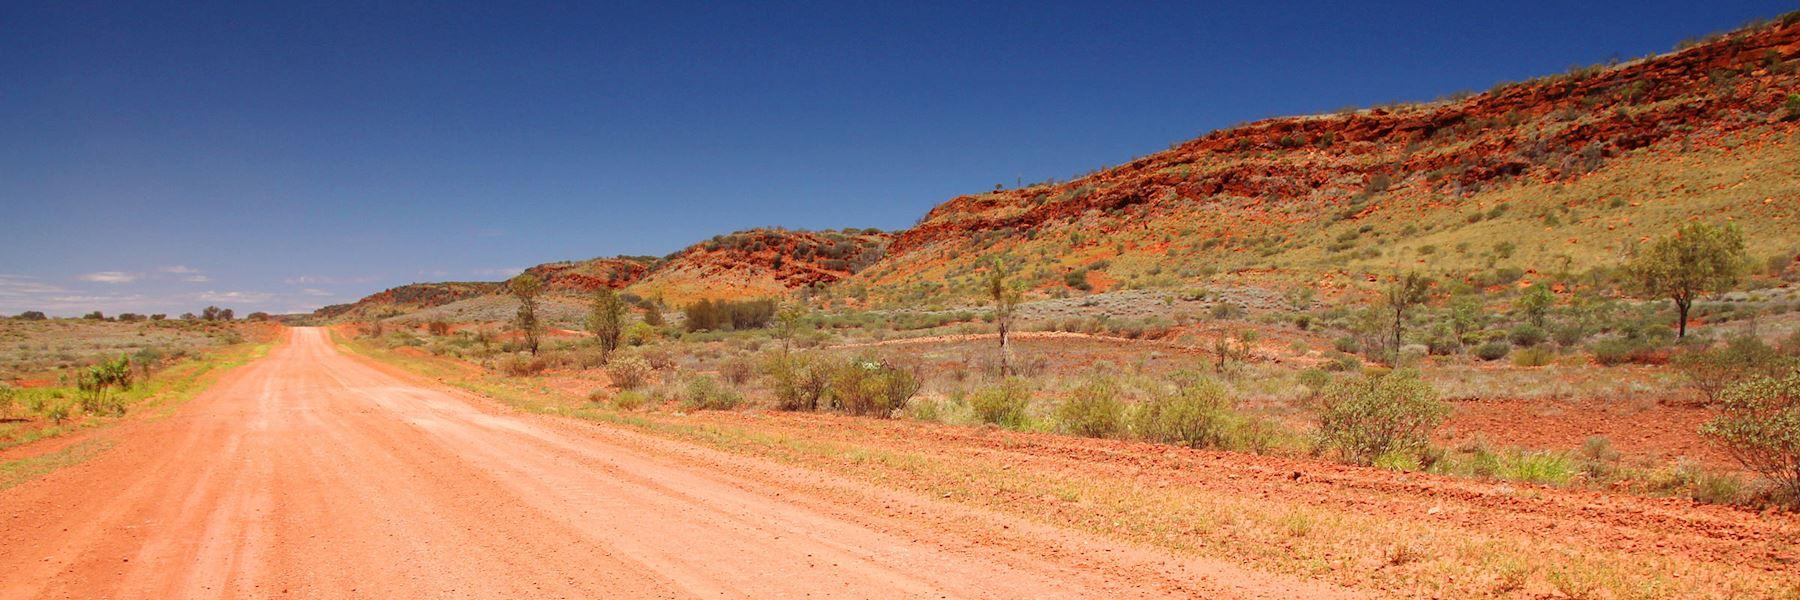 Visit the MacDonnell Ranges, Australia